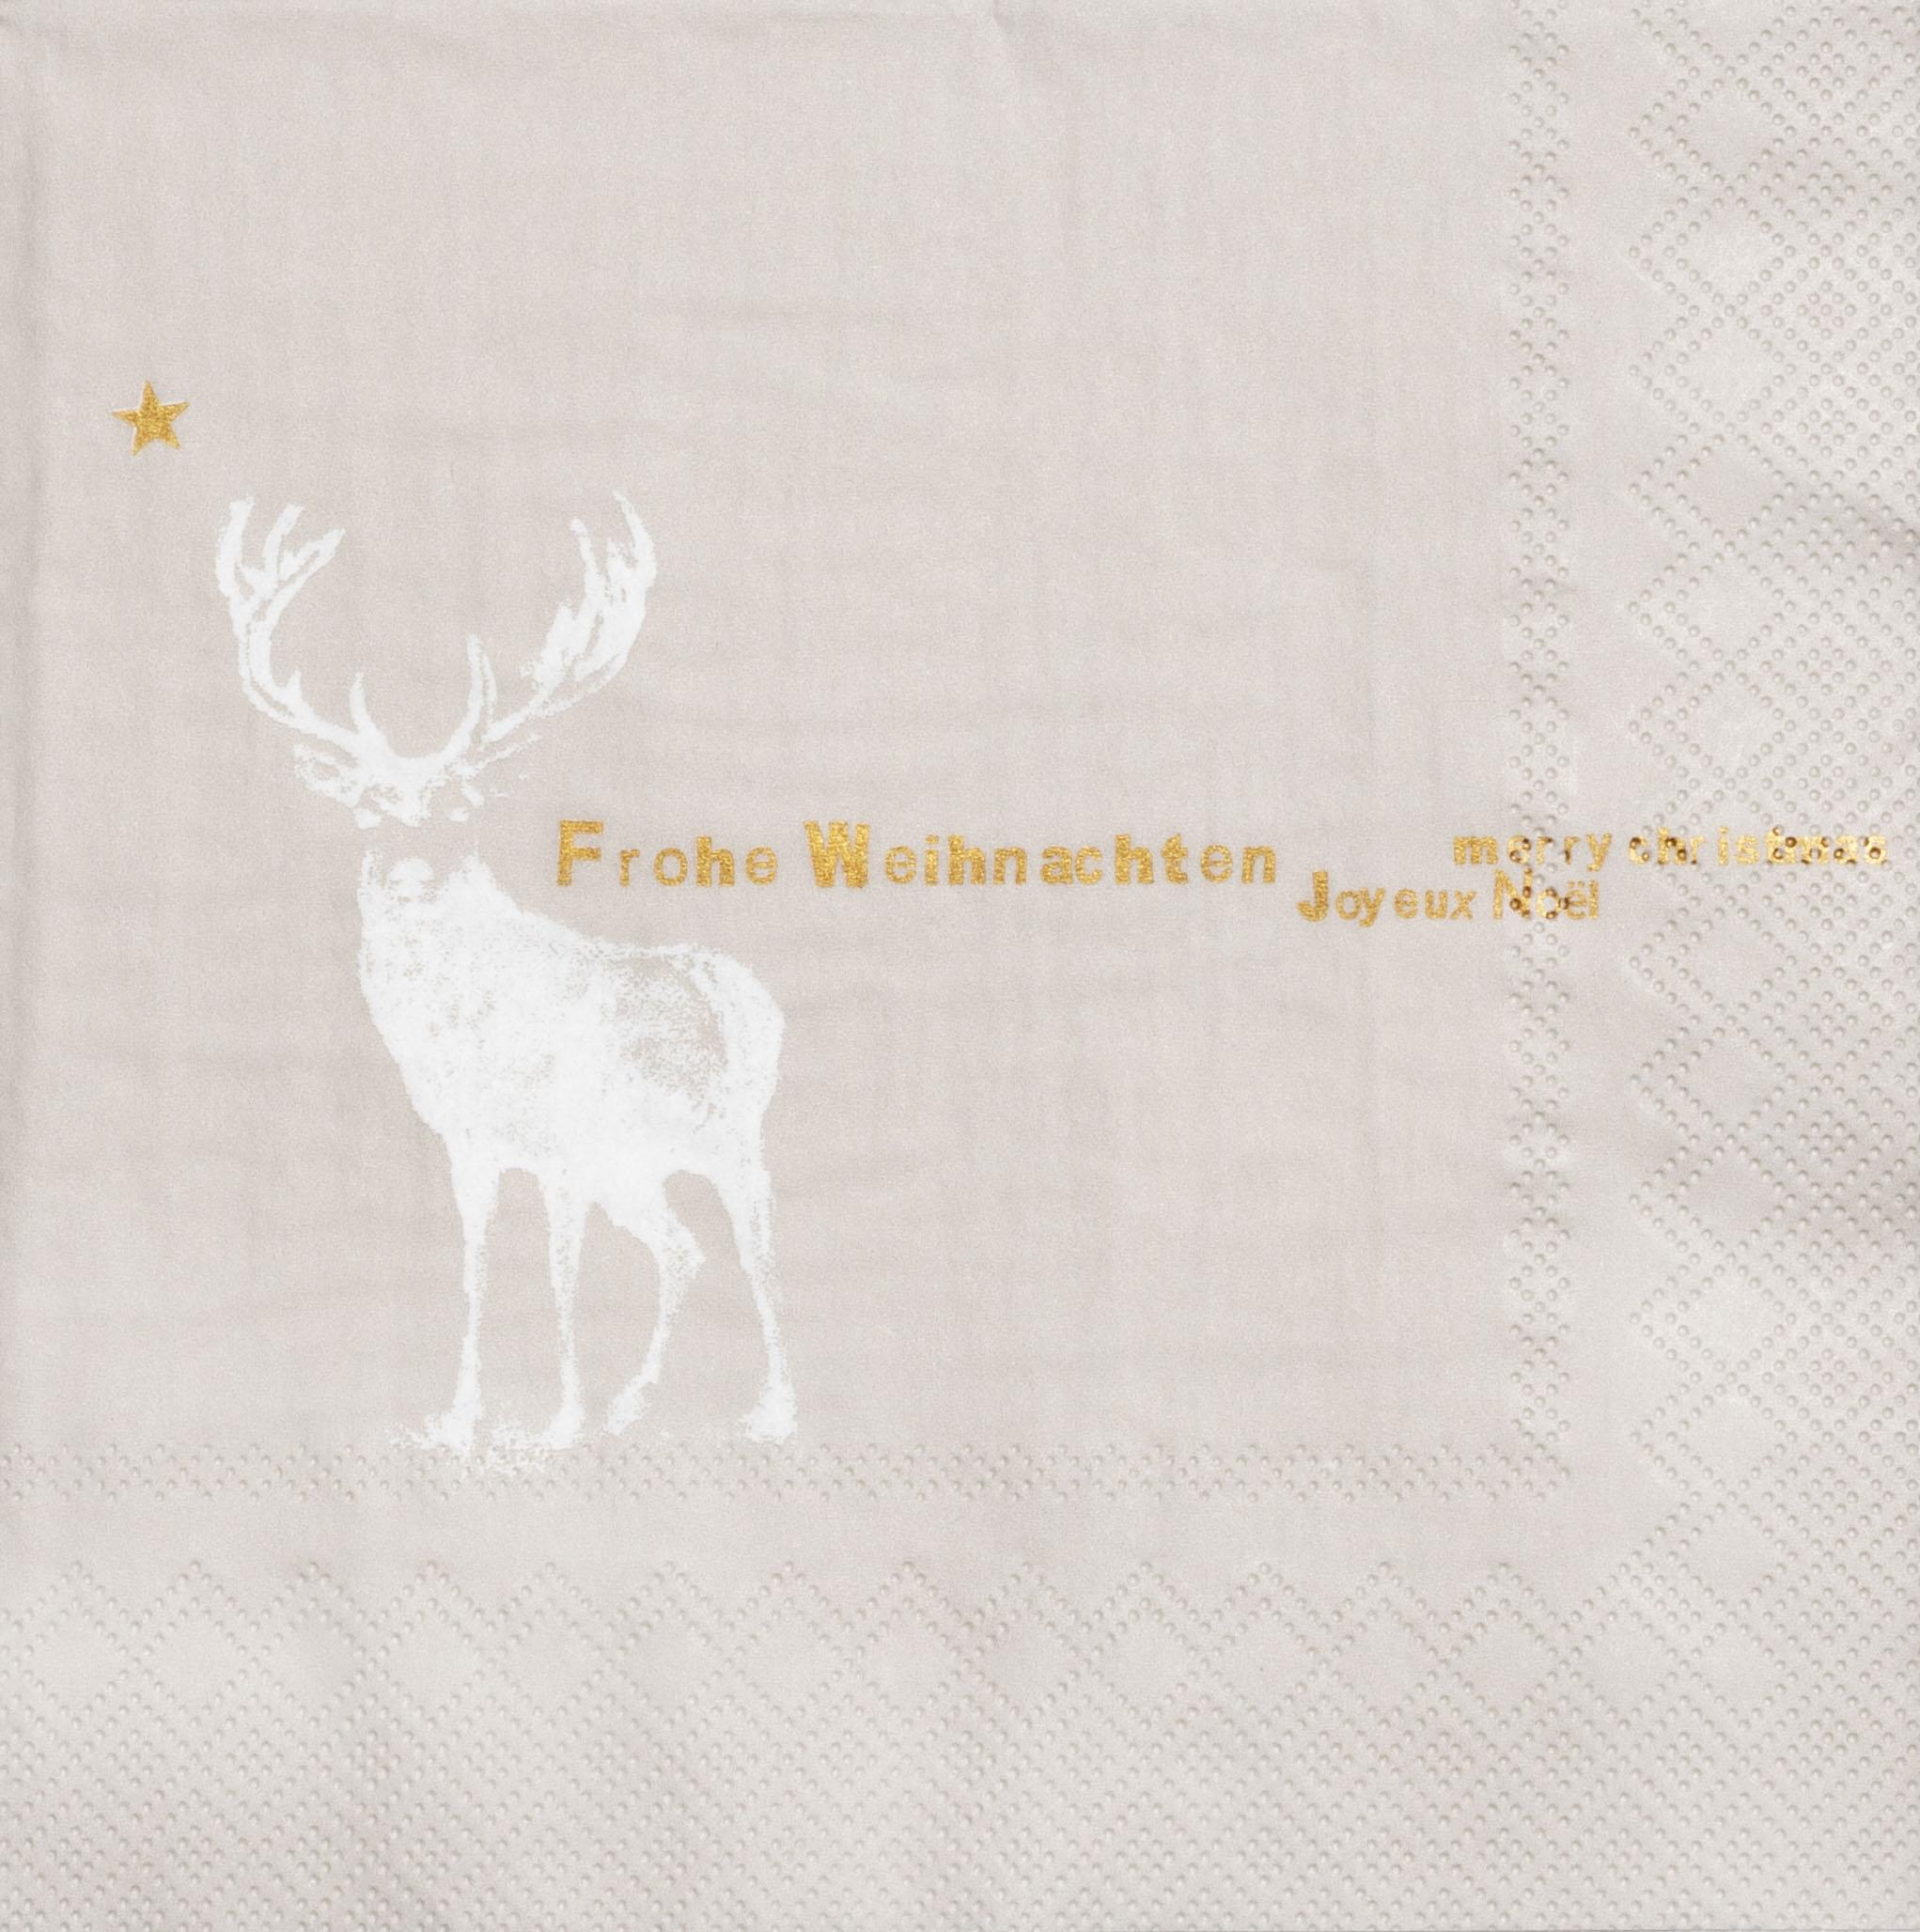 """Papierservietten """"Frohe Weihnachten, Hirsch"""" - räder (Xmas)"""